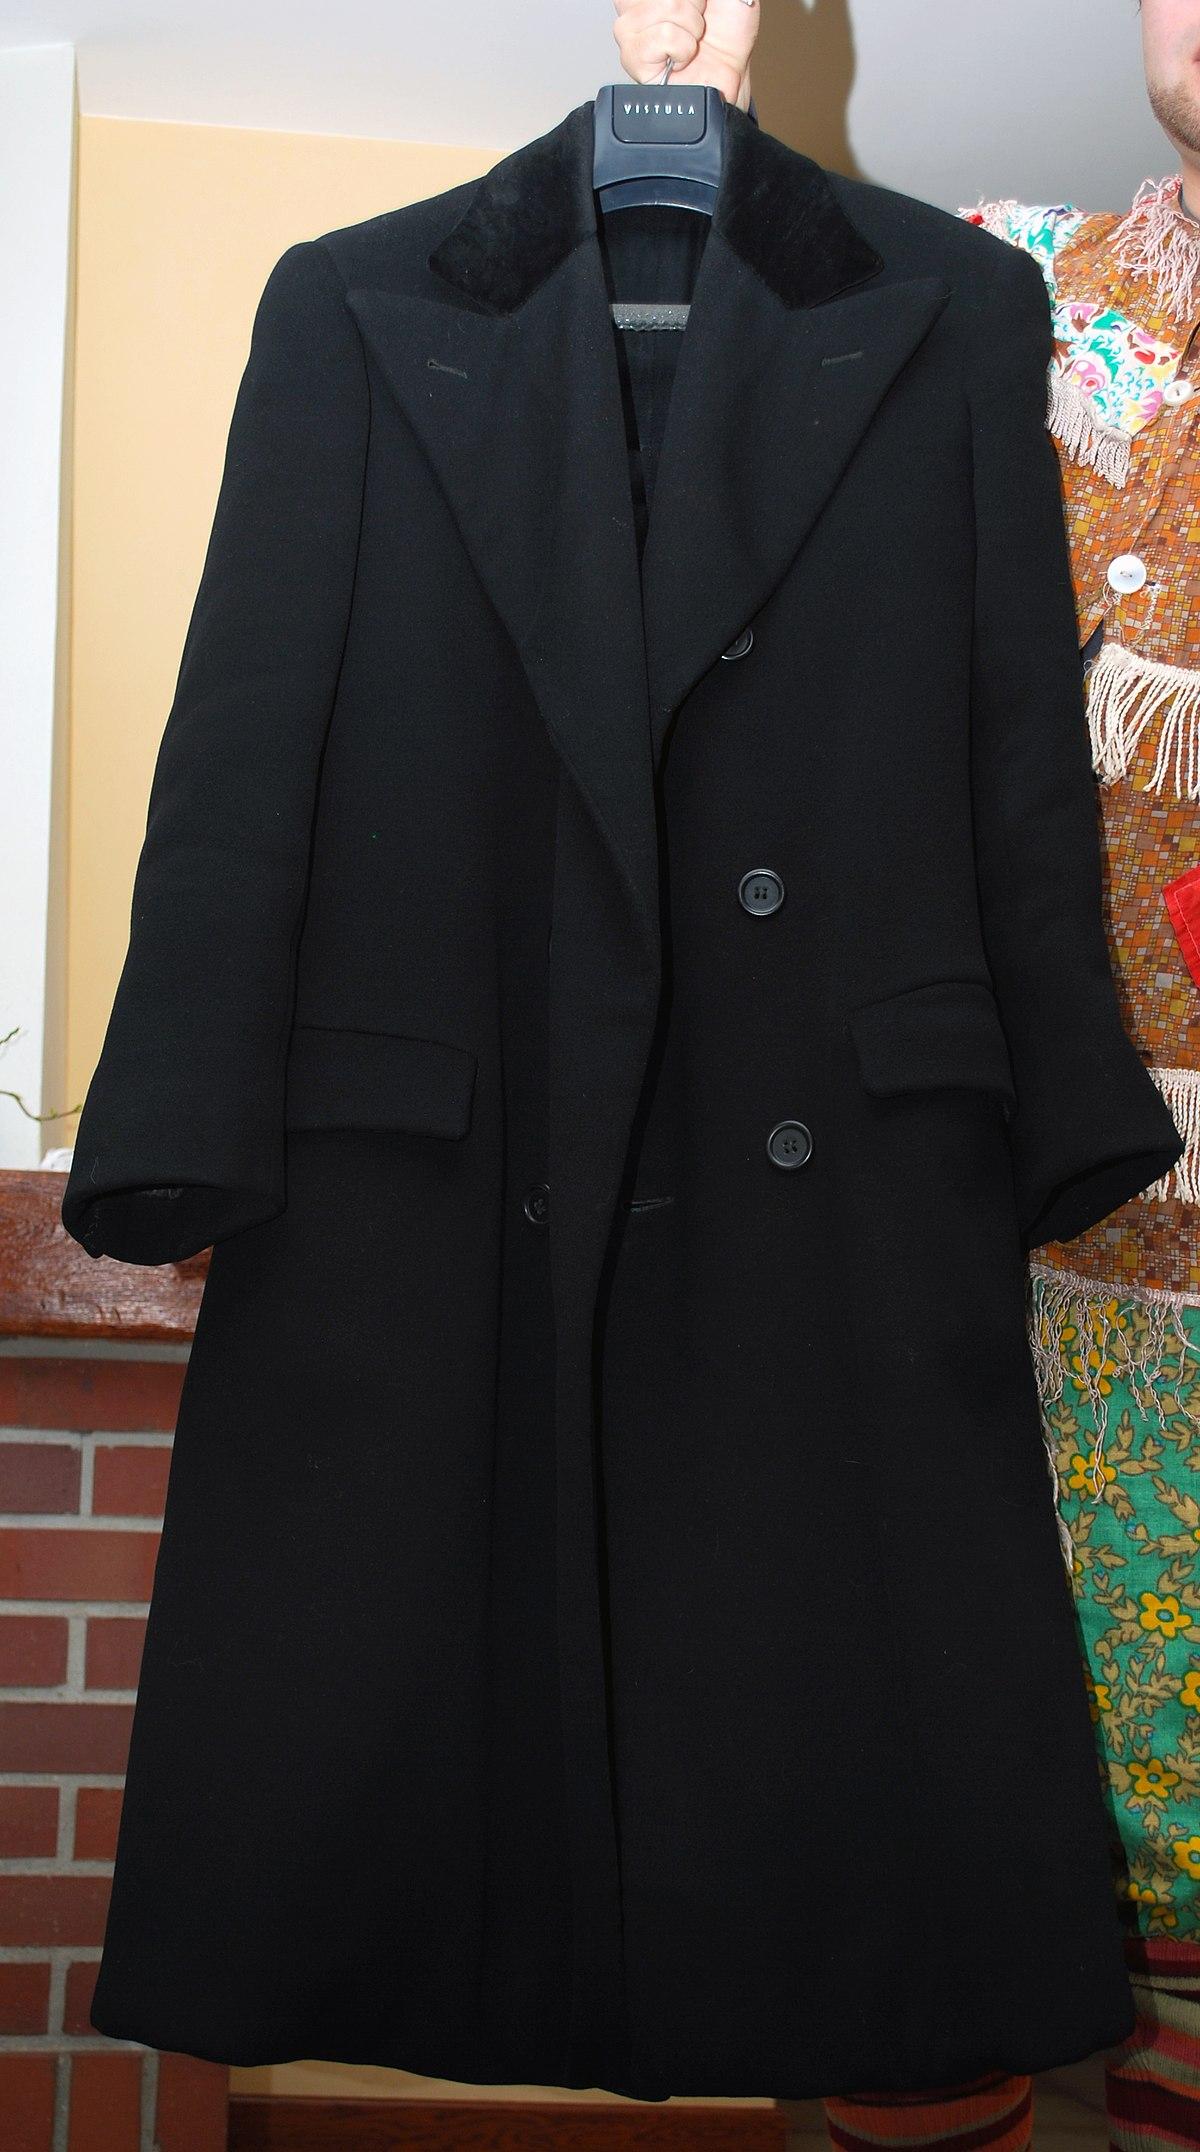 Płaszcze męskie ocieplane. Odpowiednio skrojony płaszcz to ponadczasowy element męskiej garderoby. Ma swoich zwolenników nie tylko pośród dojrzałych mężczyzn, ale także młodych, którzy stronią na co dzień od oficjalnej marynarki i krawata.